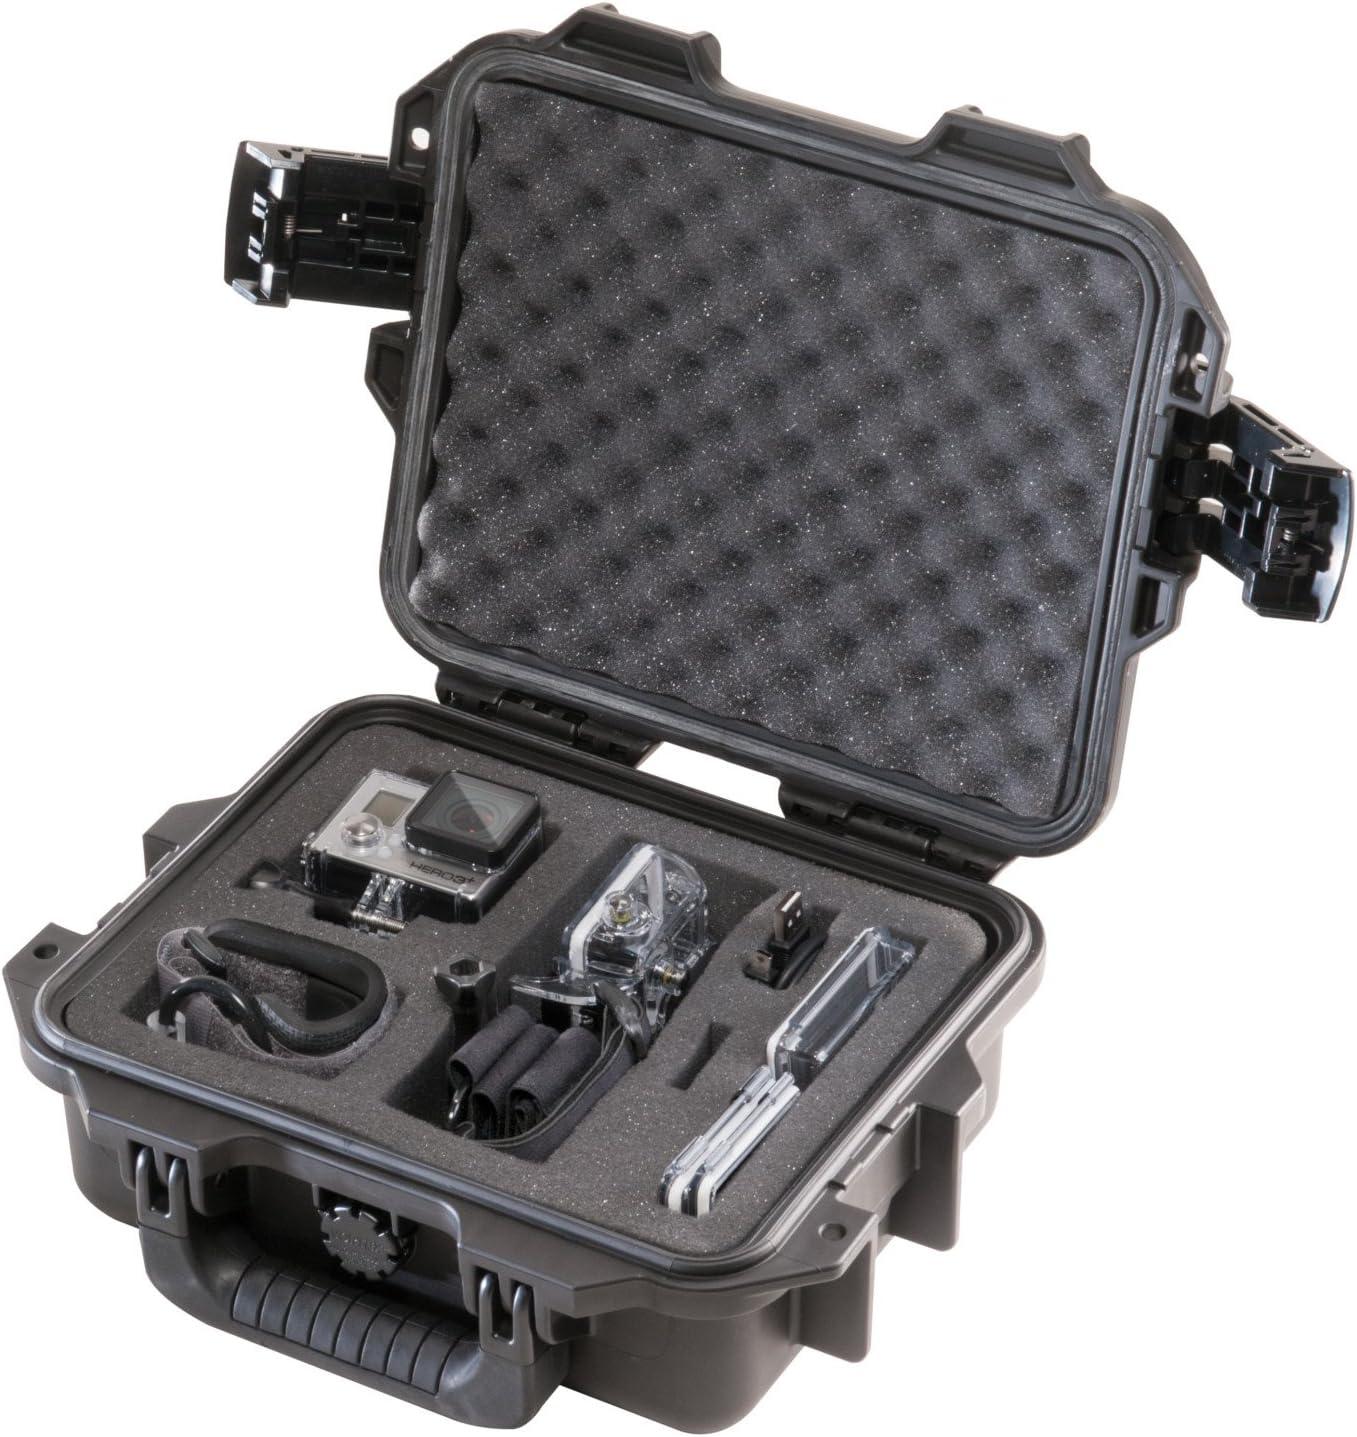 Pelican IM2050 Storm Case for GoPro Camera (Black): Amazon.es: Deportes y aire libre